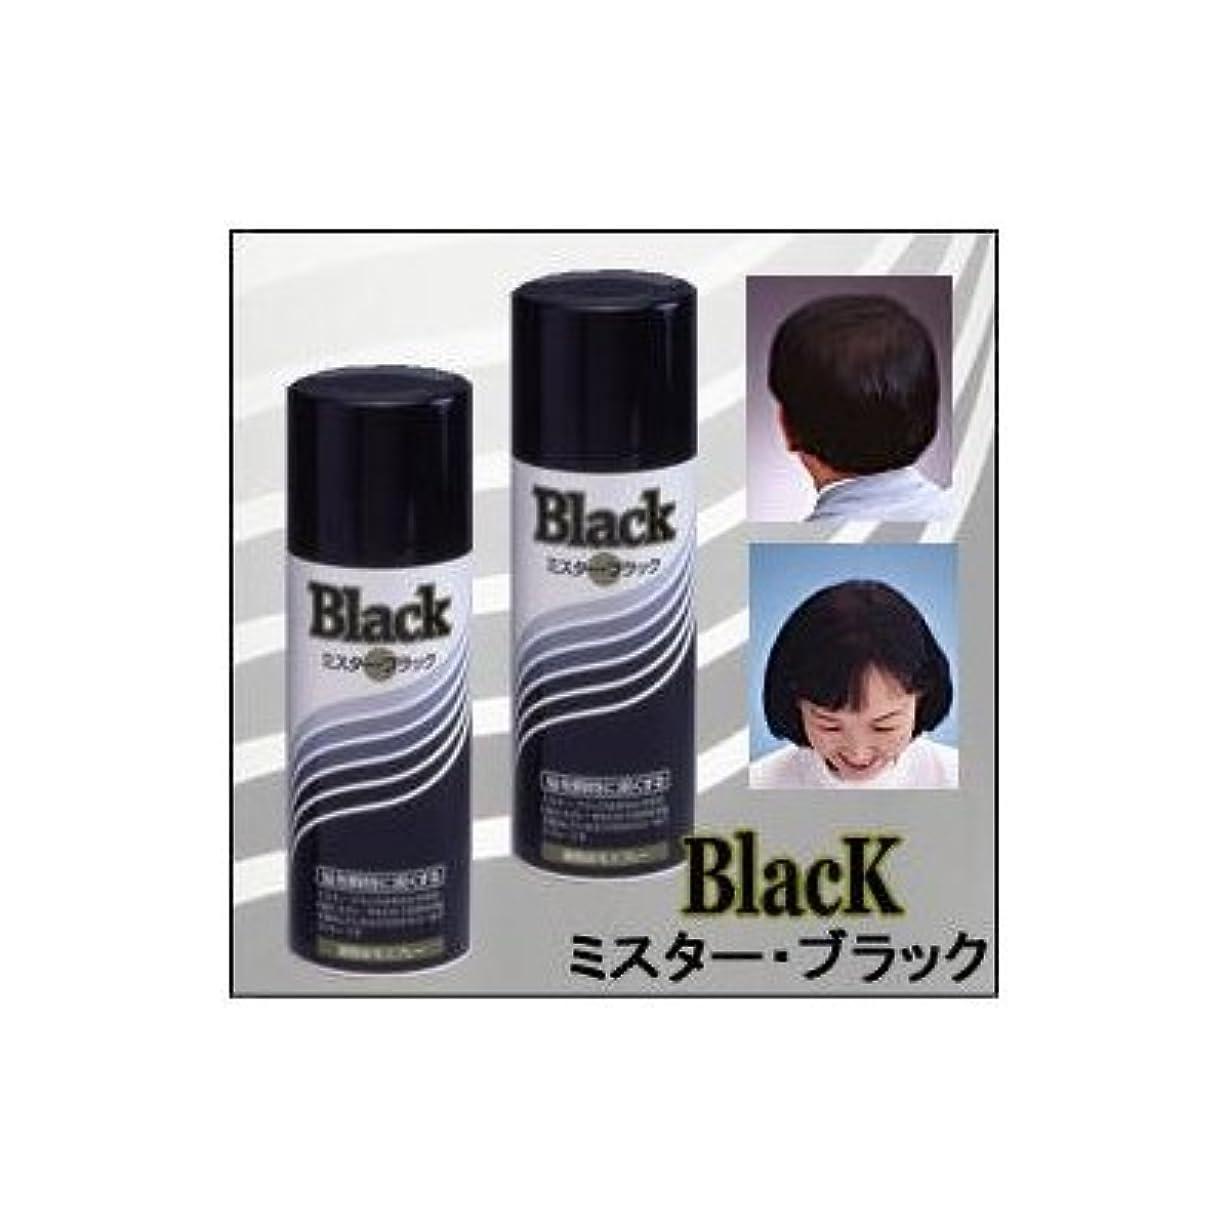 印象的なブラウン業界『ミスターブラック ・ 男女兼用』 薄毛対策スプレー  瞬時に対応 ≪染毛料≫ 日本製 (2本組)